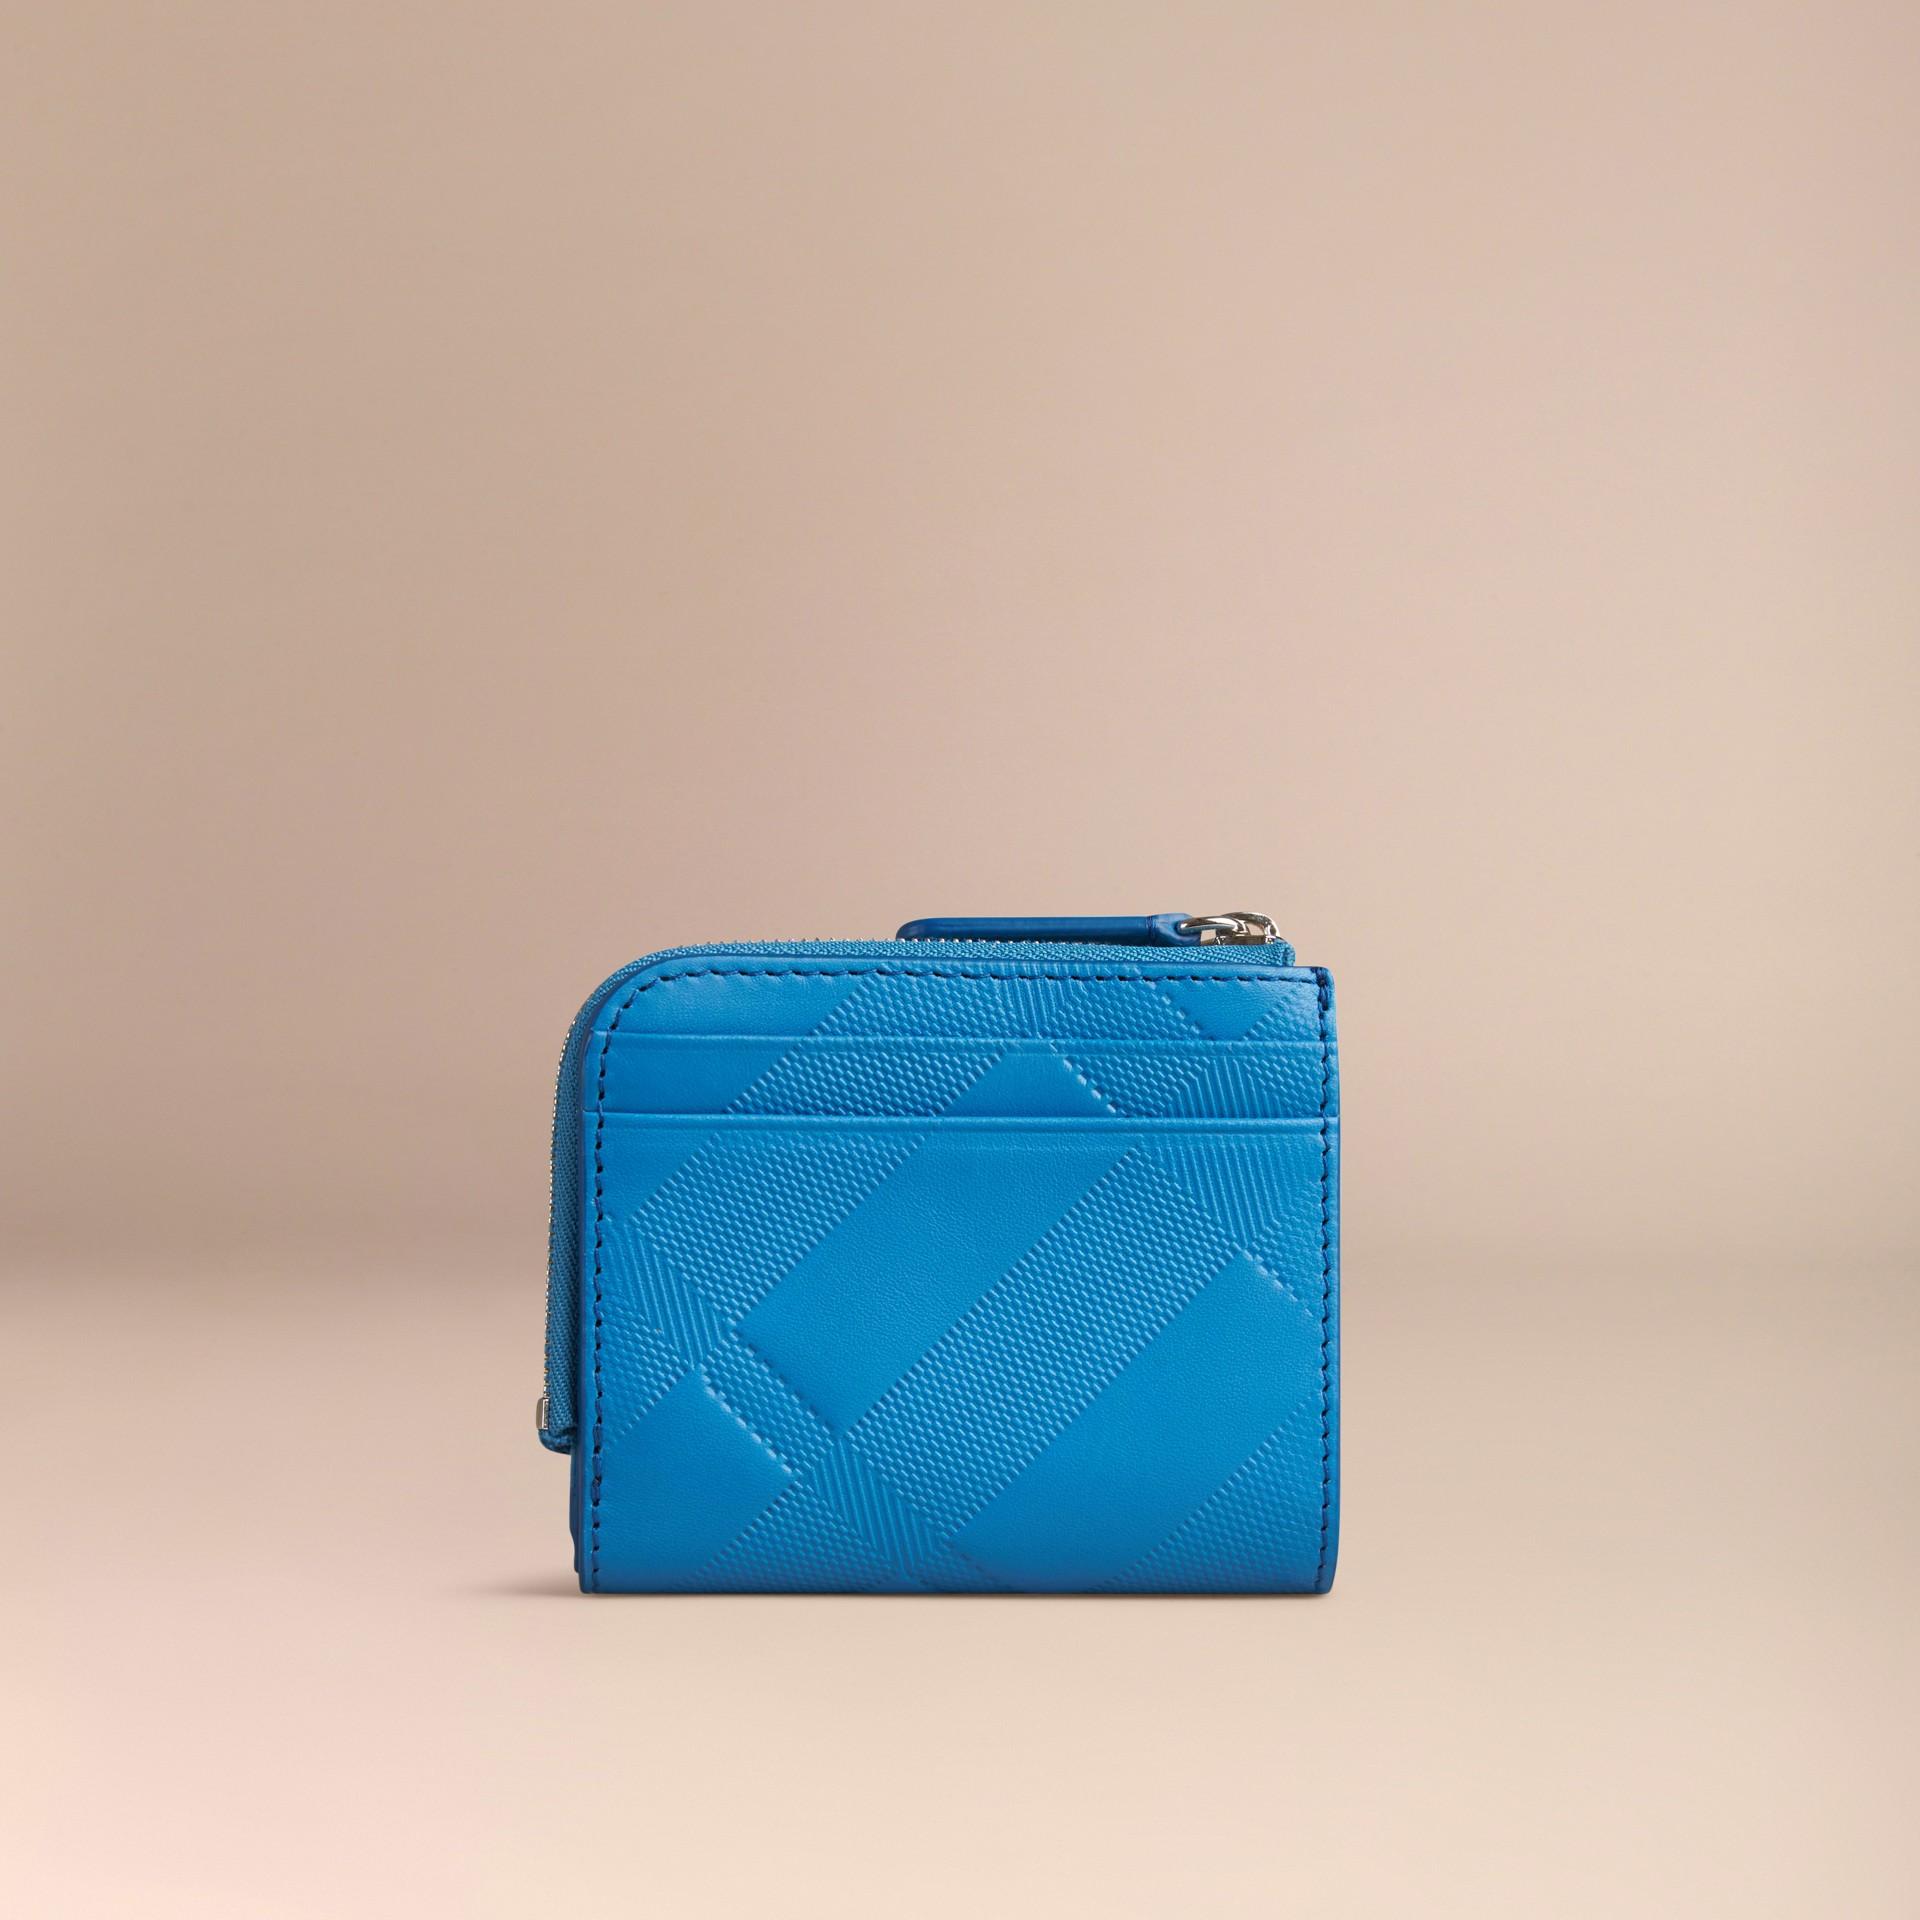 Azurblau Faltbrieftasche aus Leder mit Check-Prägung Azurblau - Galerie-Bild 4